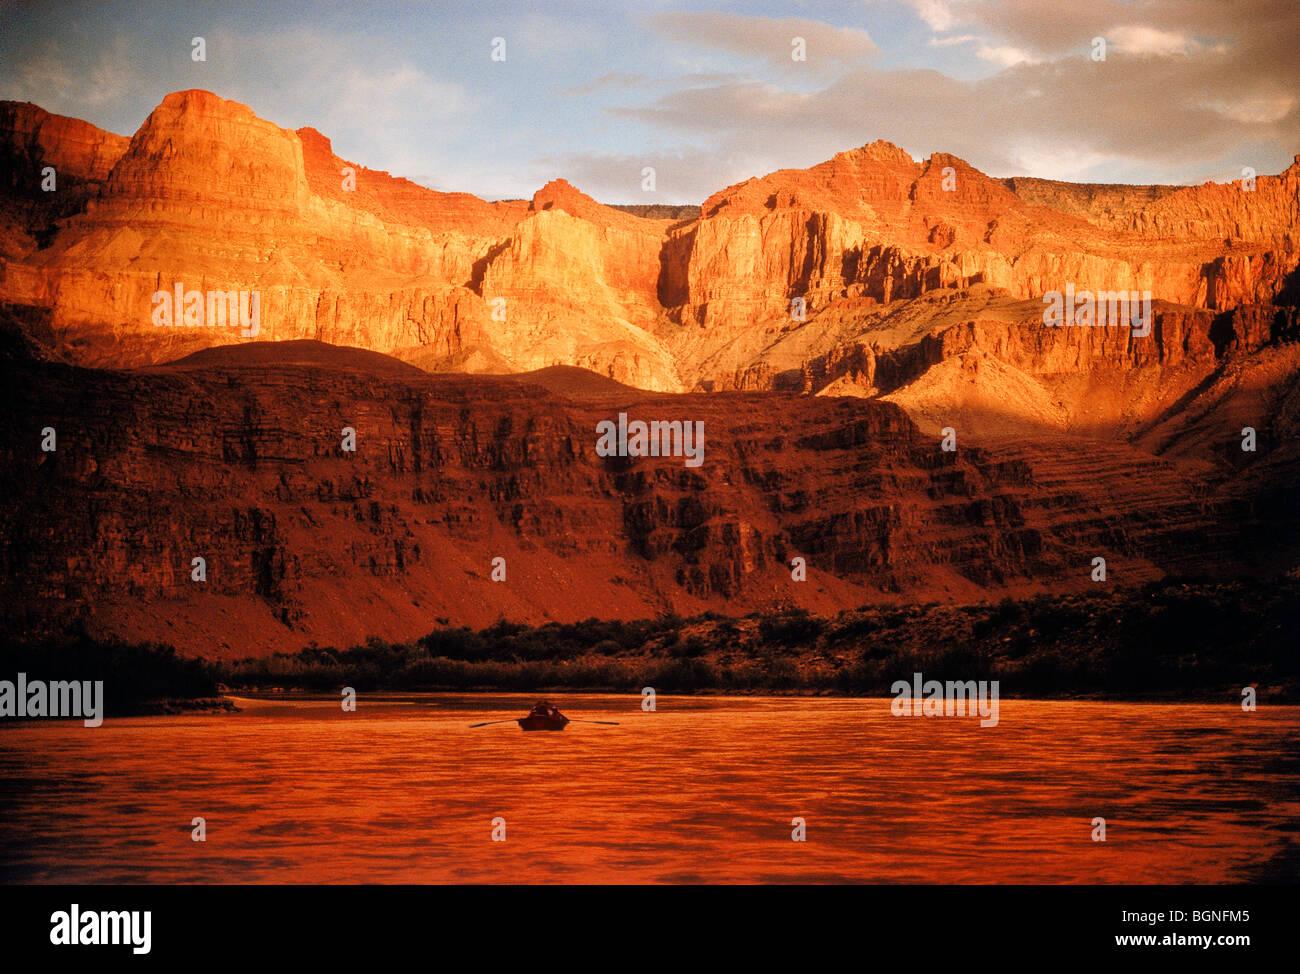 Dory Boot Reise schweben auf Colorado River durch die Innenwände und die Schatten des Grand Canyon in der Nähe von Stockfoto